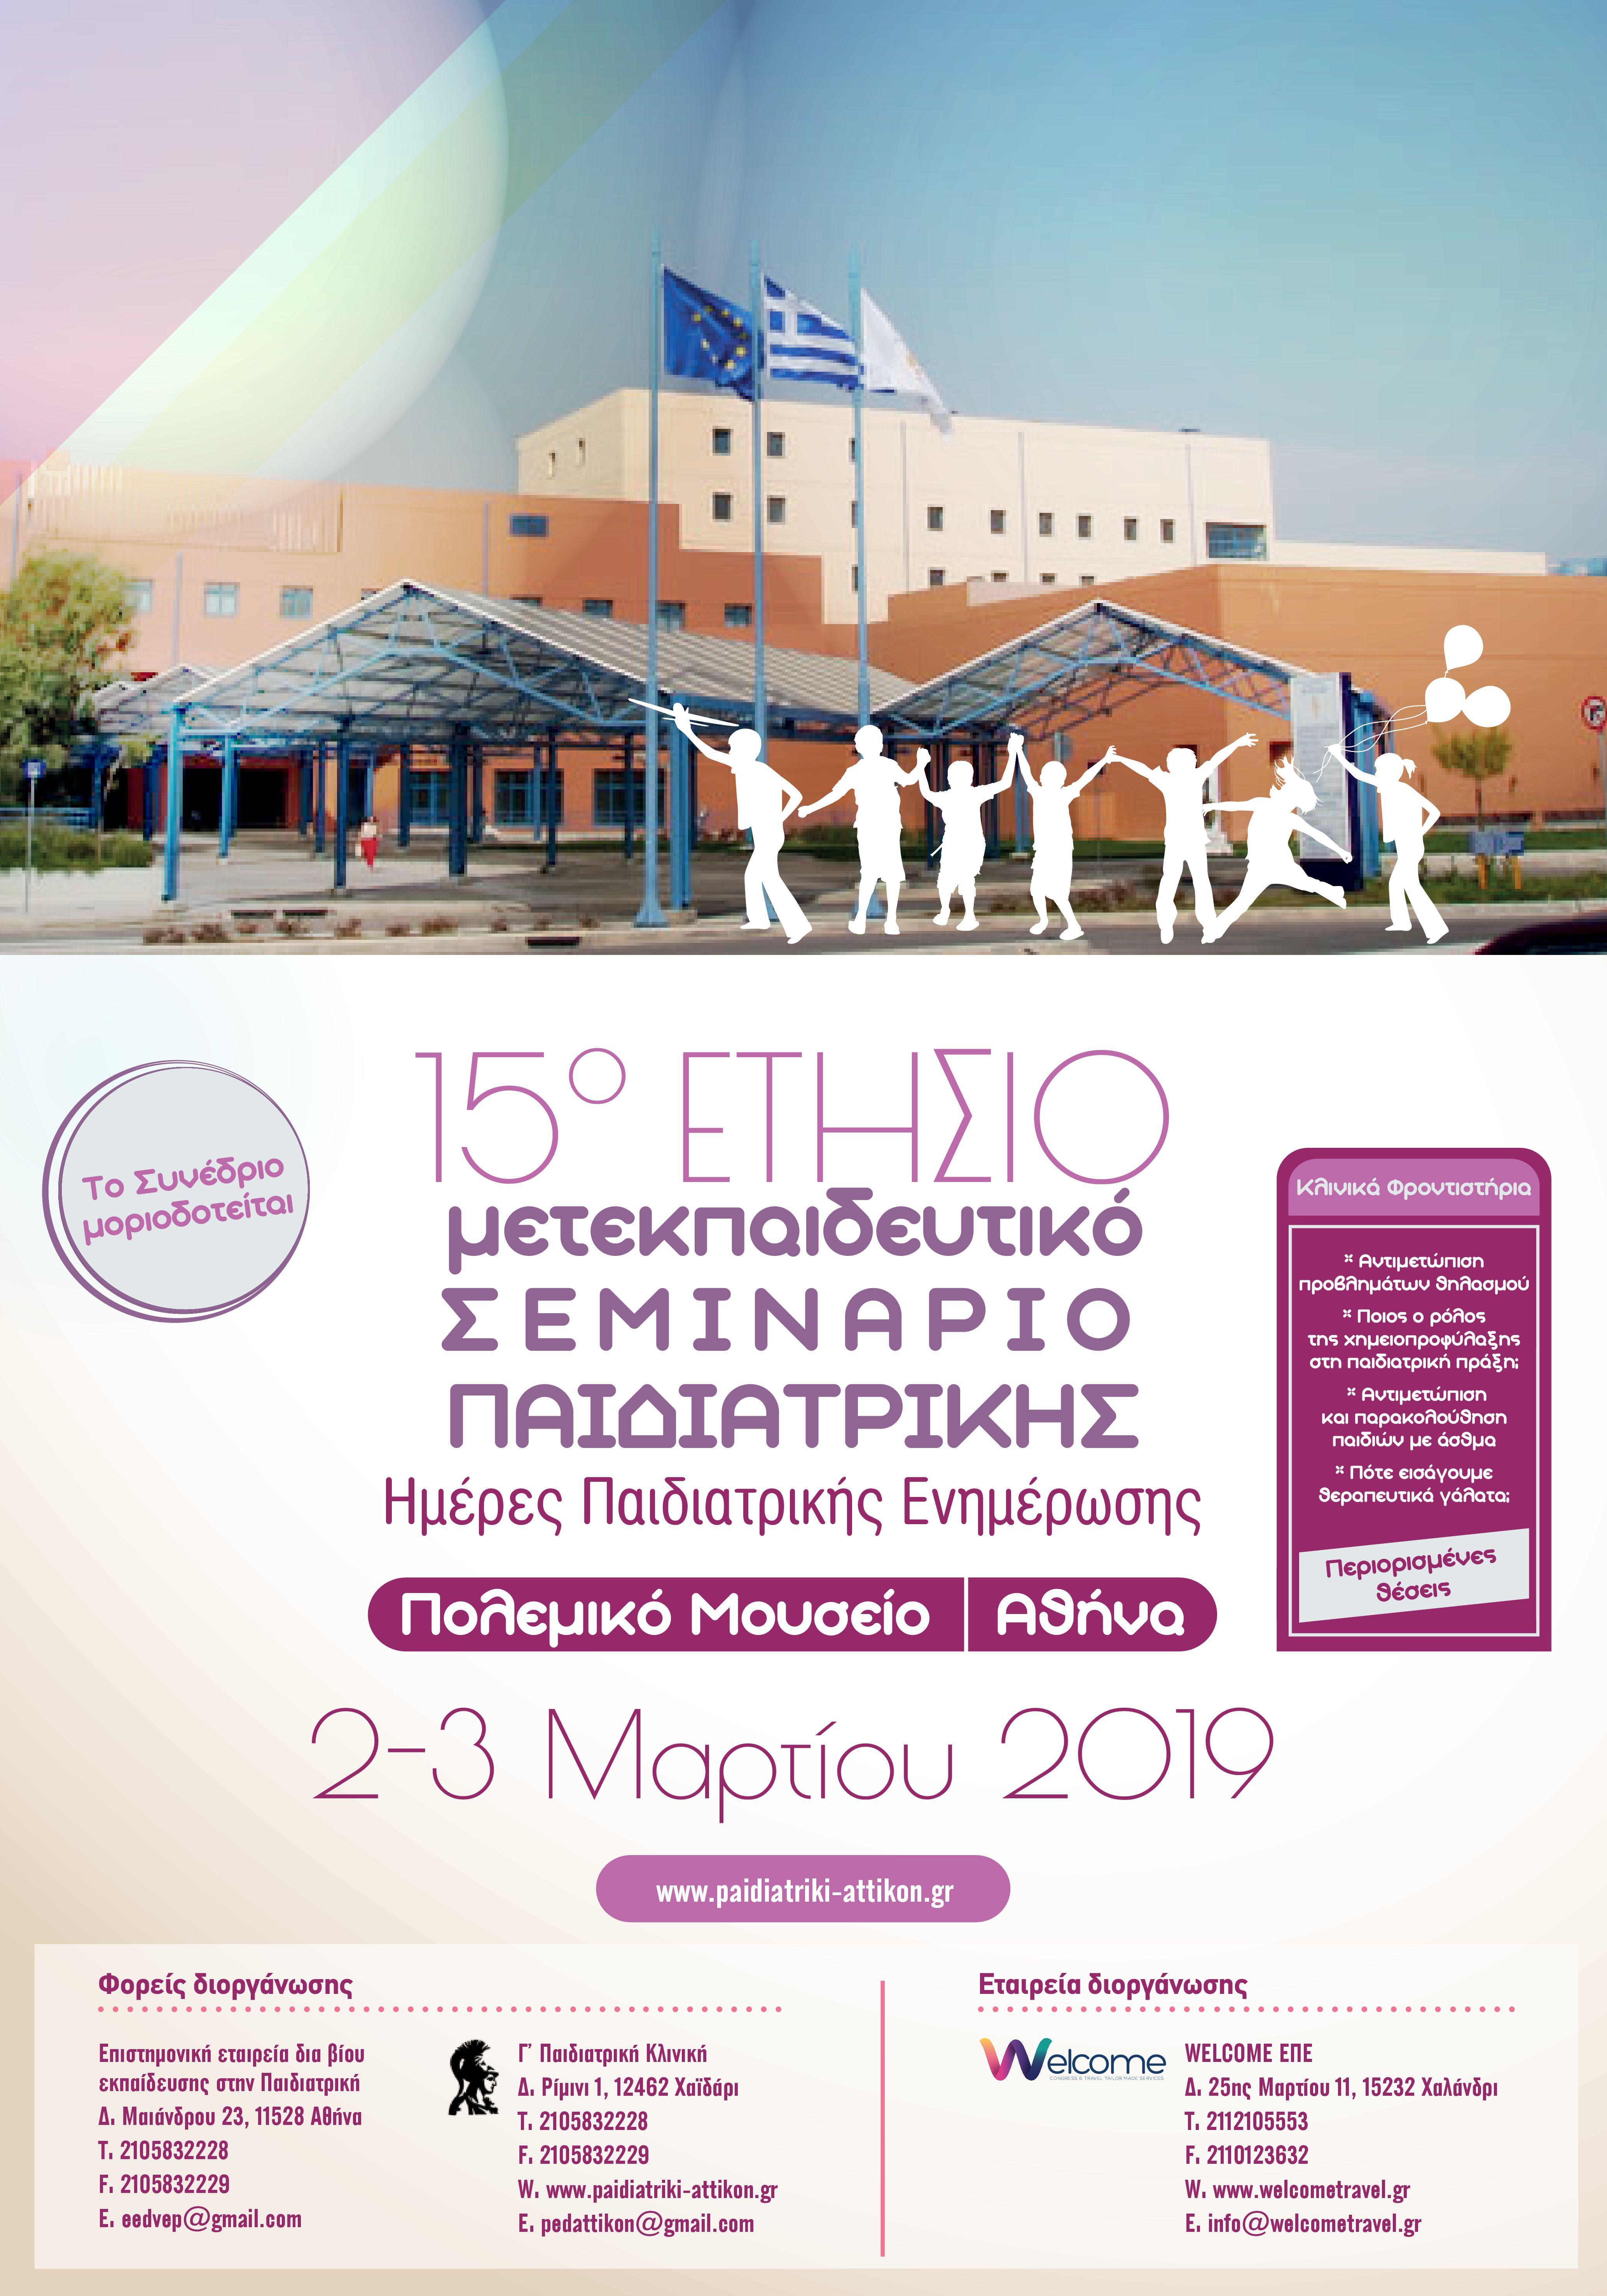 15o Ετήσιο Μετεκπαιδευτικό Σεμινάριο Παιδιατρικής | Ημέρες Παιδιατρικής Ενημέρωσης